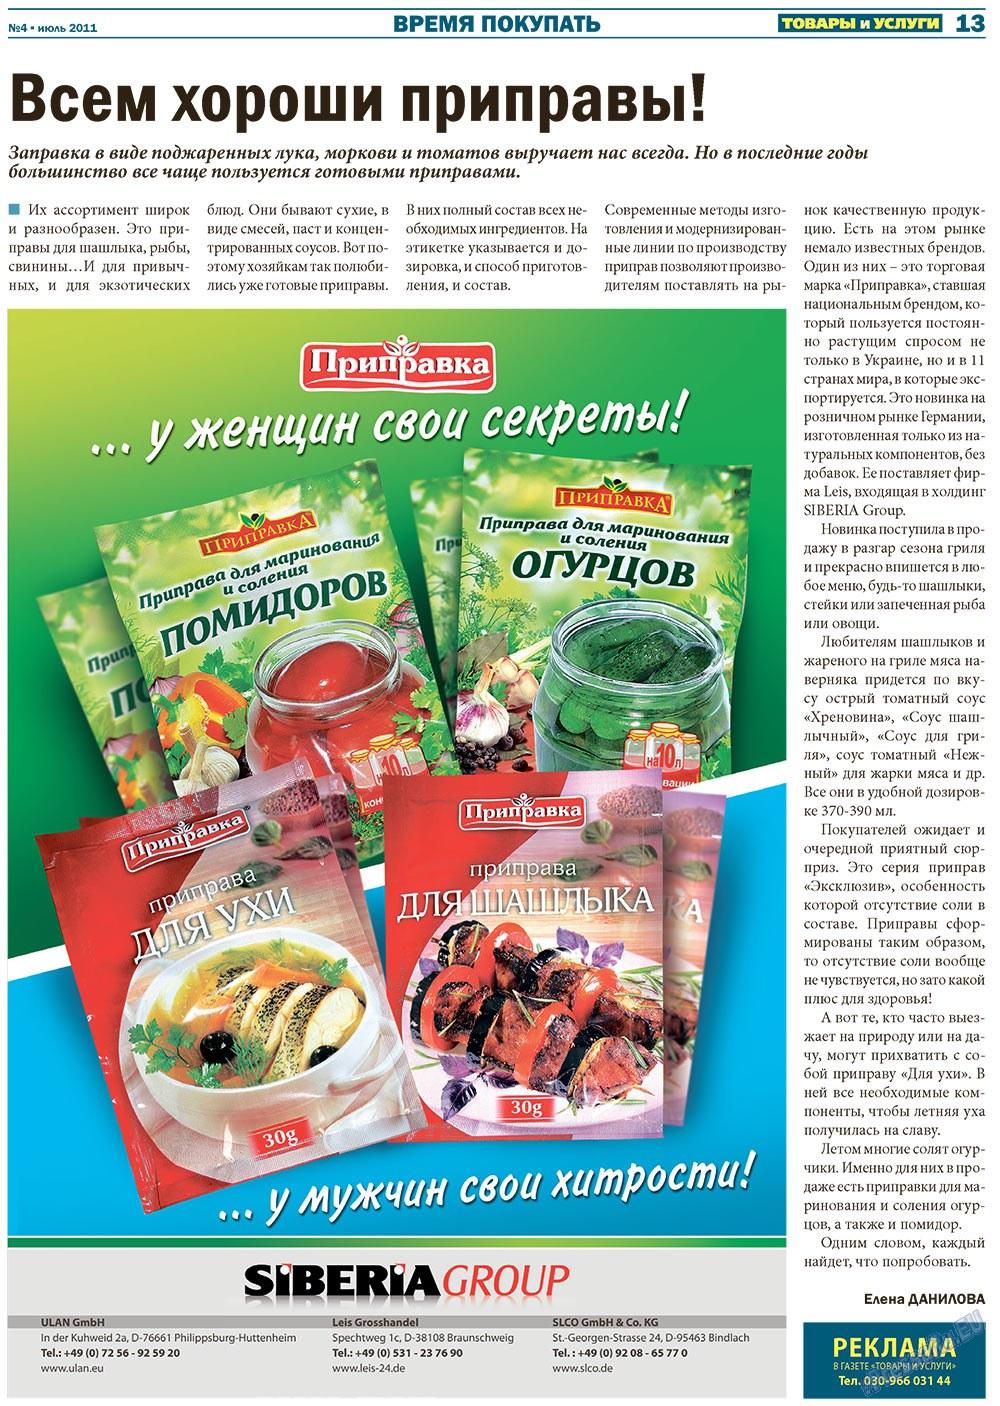 Товары и услуги (газета). 2011 год, номер 4, стр. 13